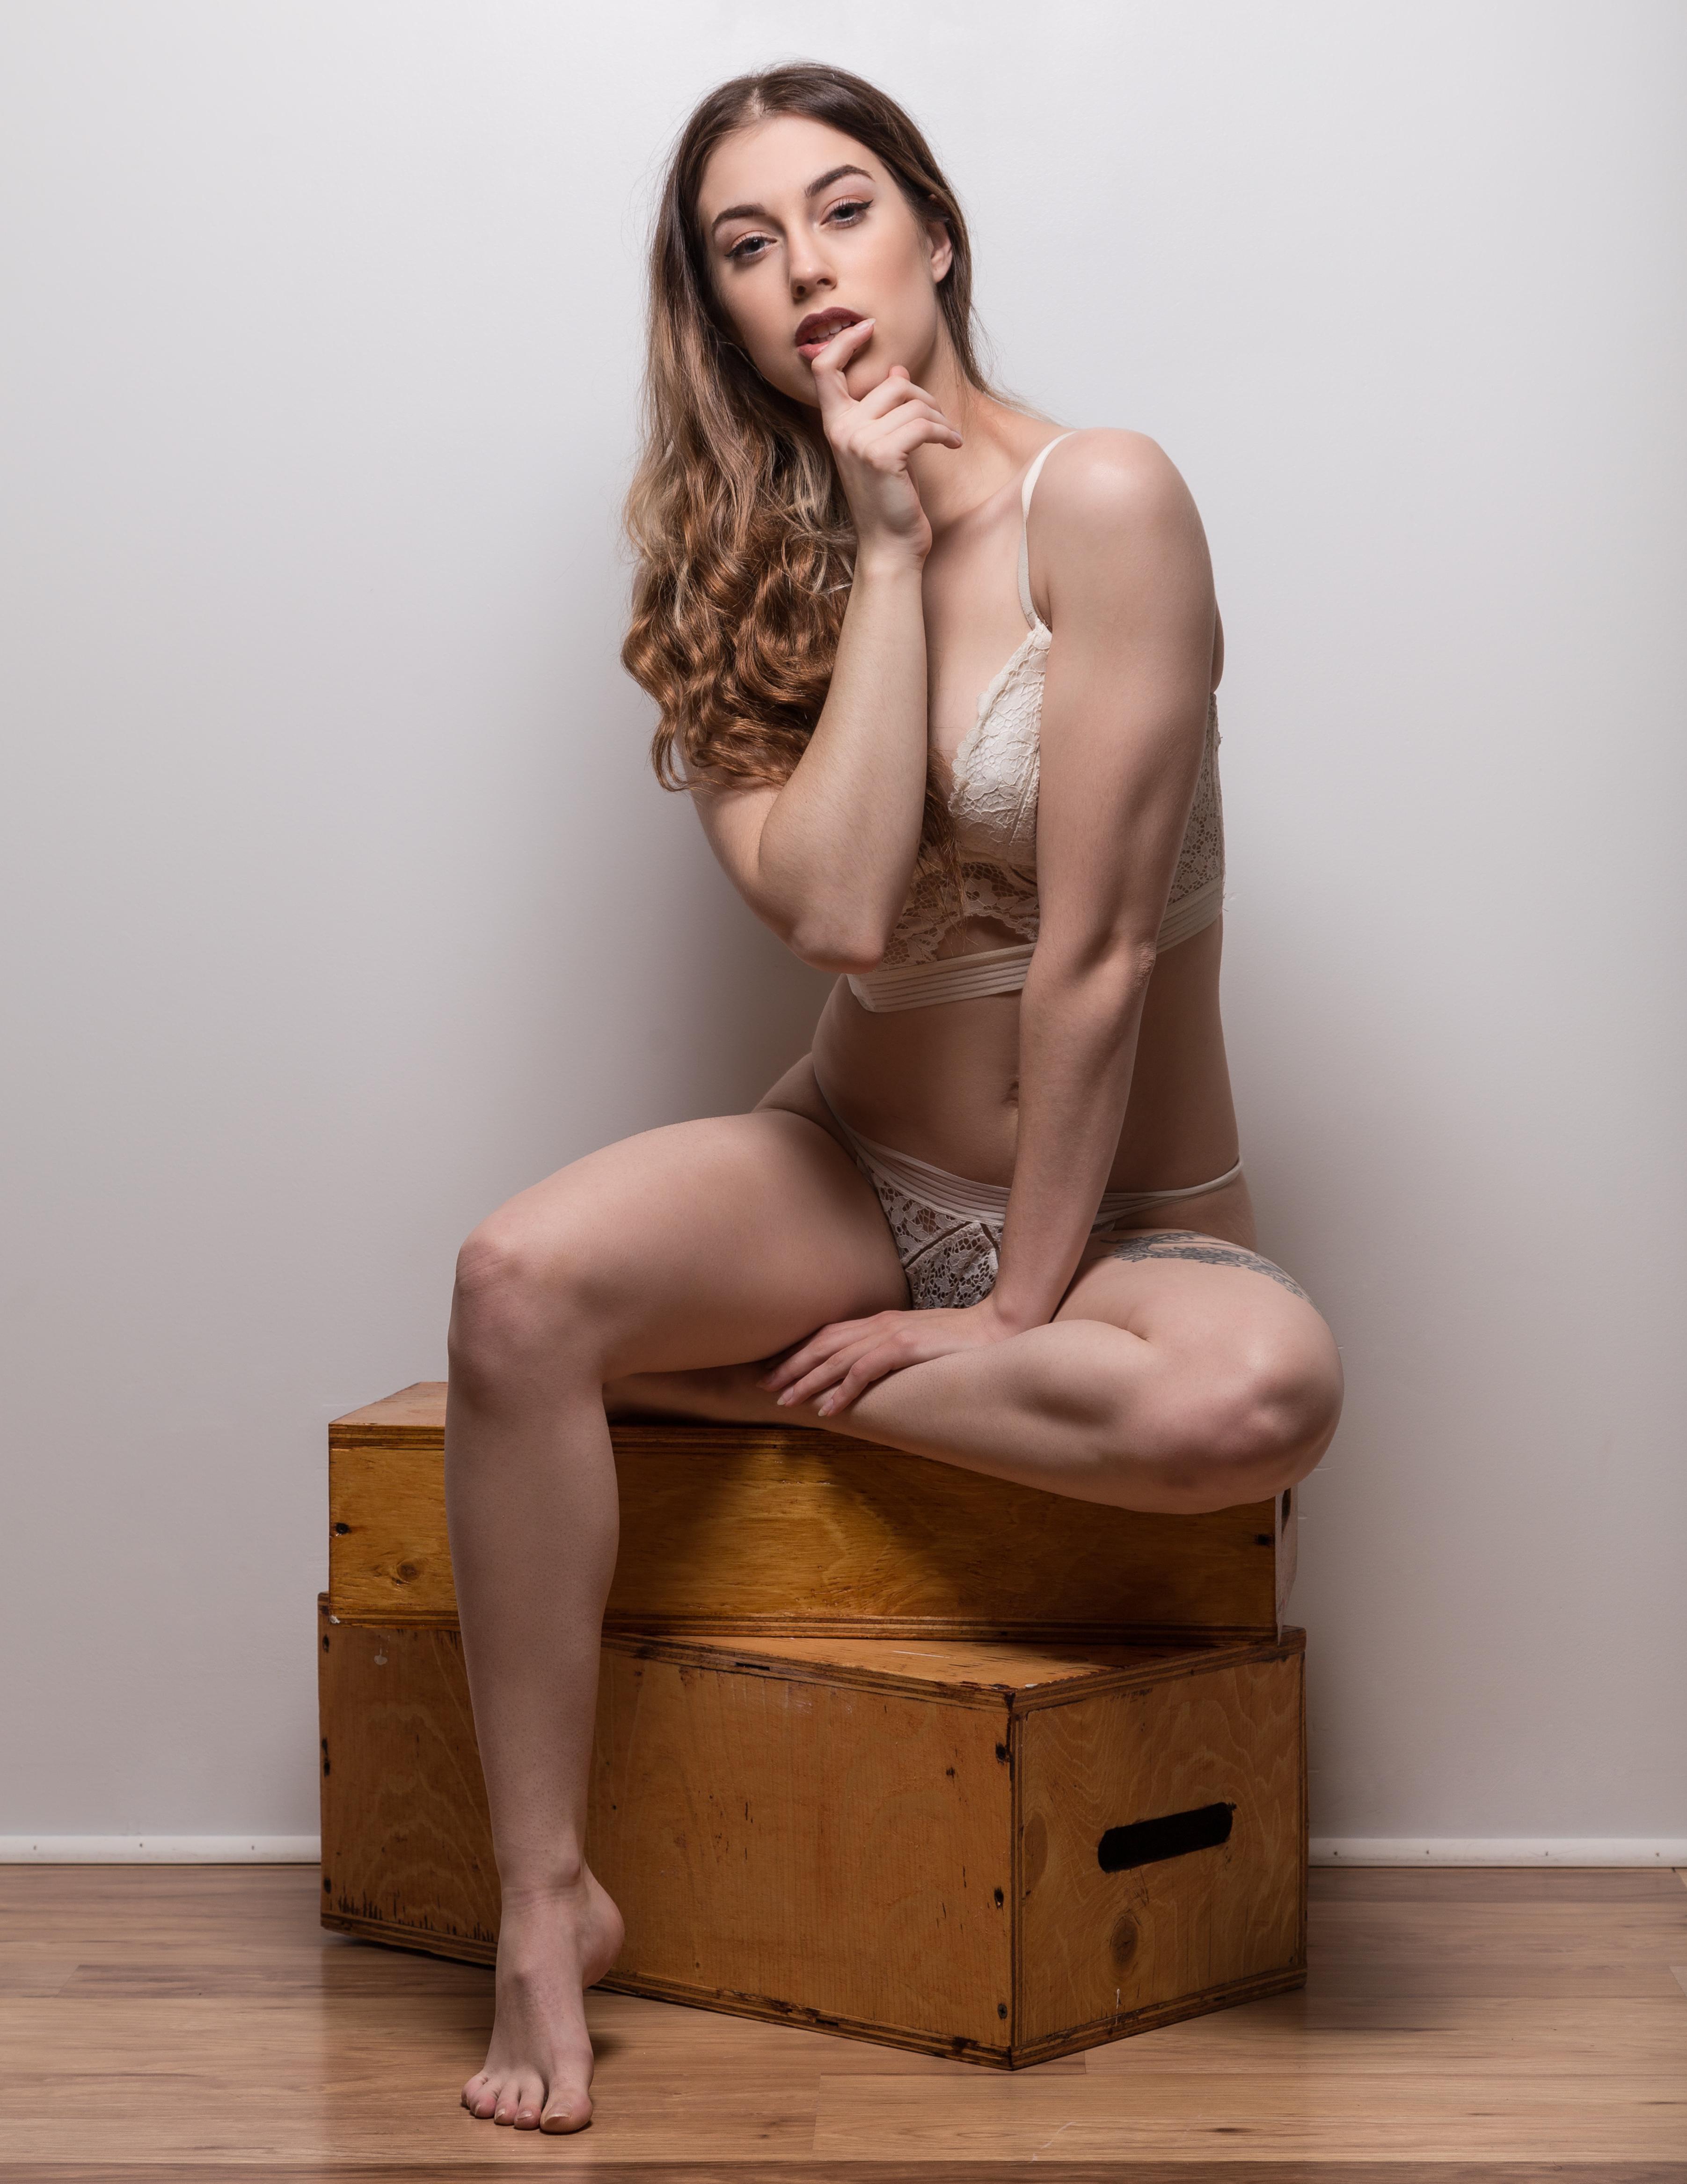 Rachel Adelle Enright